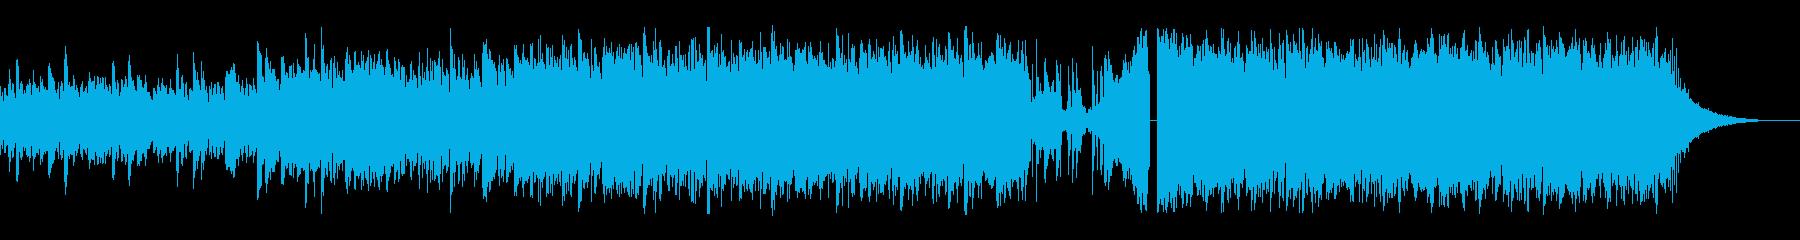 ダークでセンチメンタルなエレクトロポップの再生済みの波形